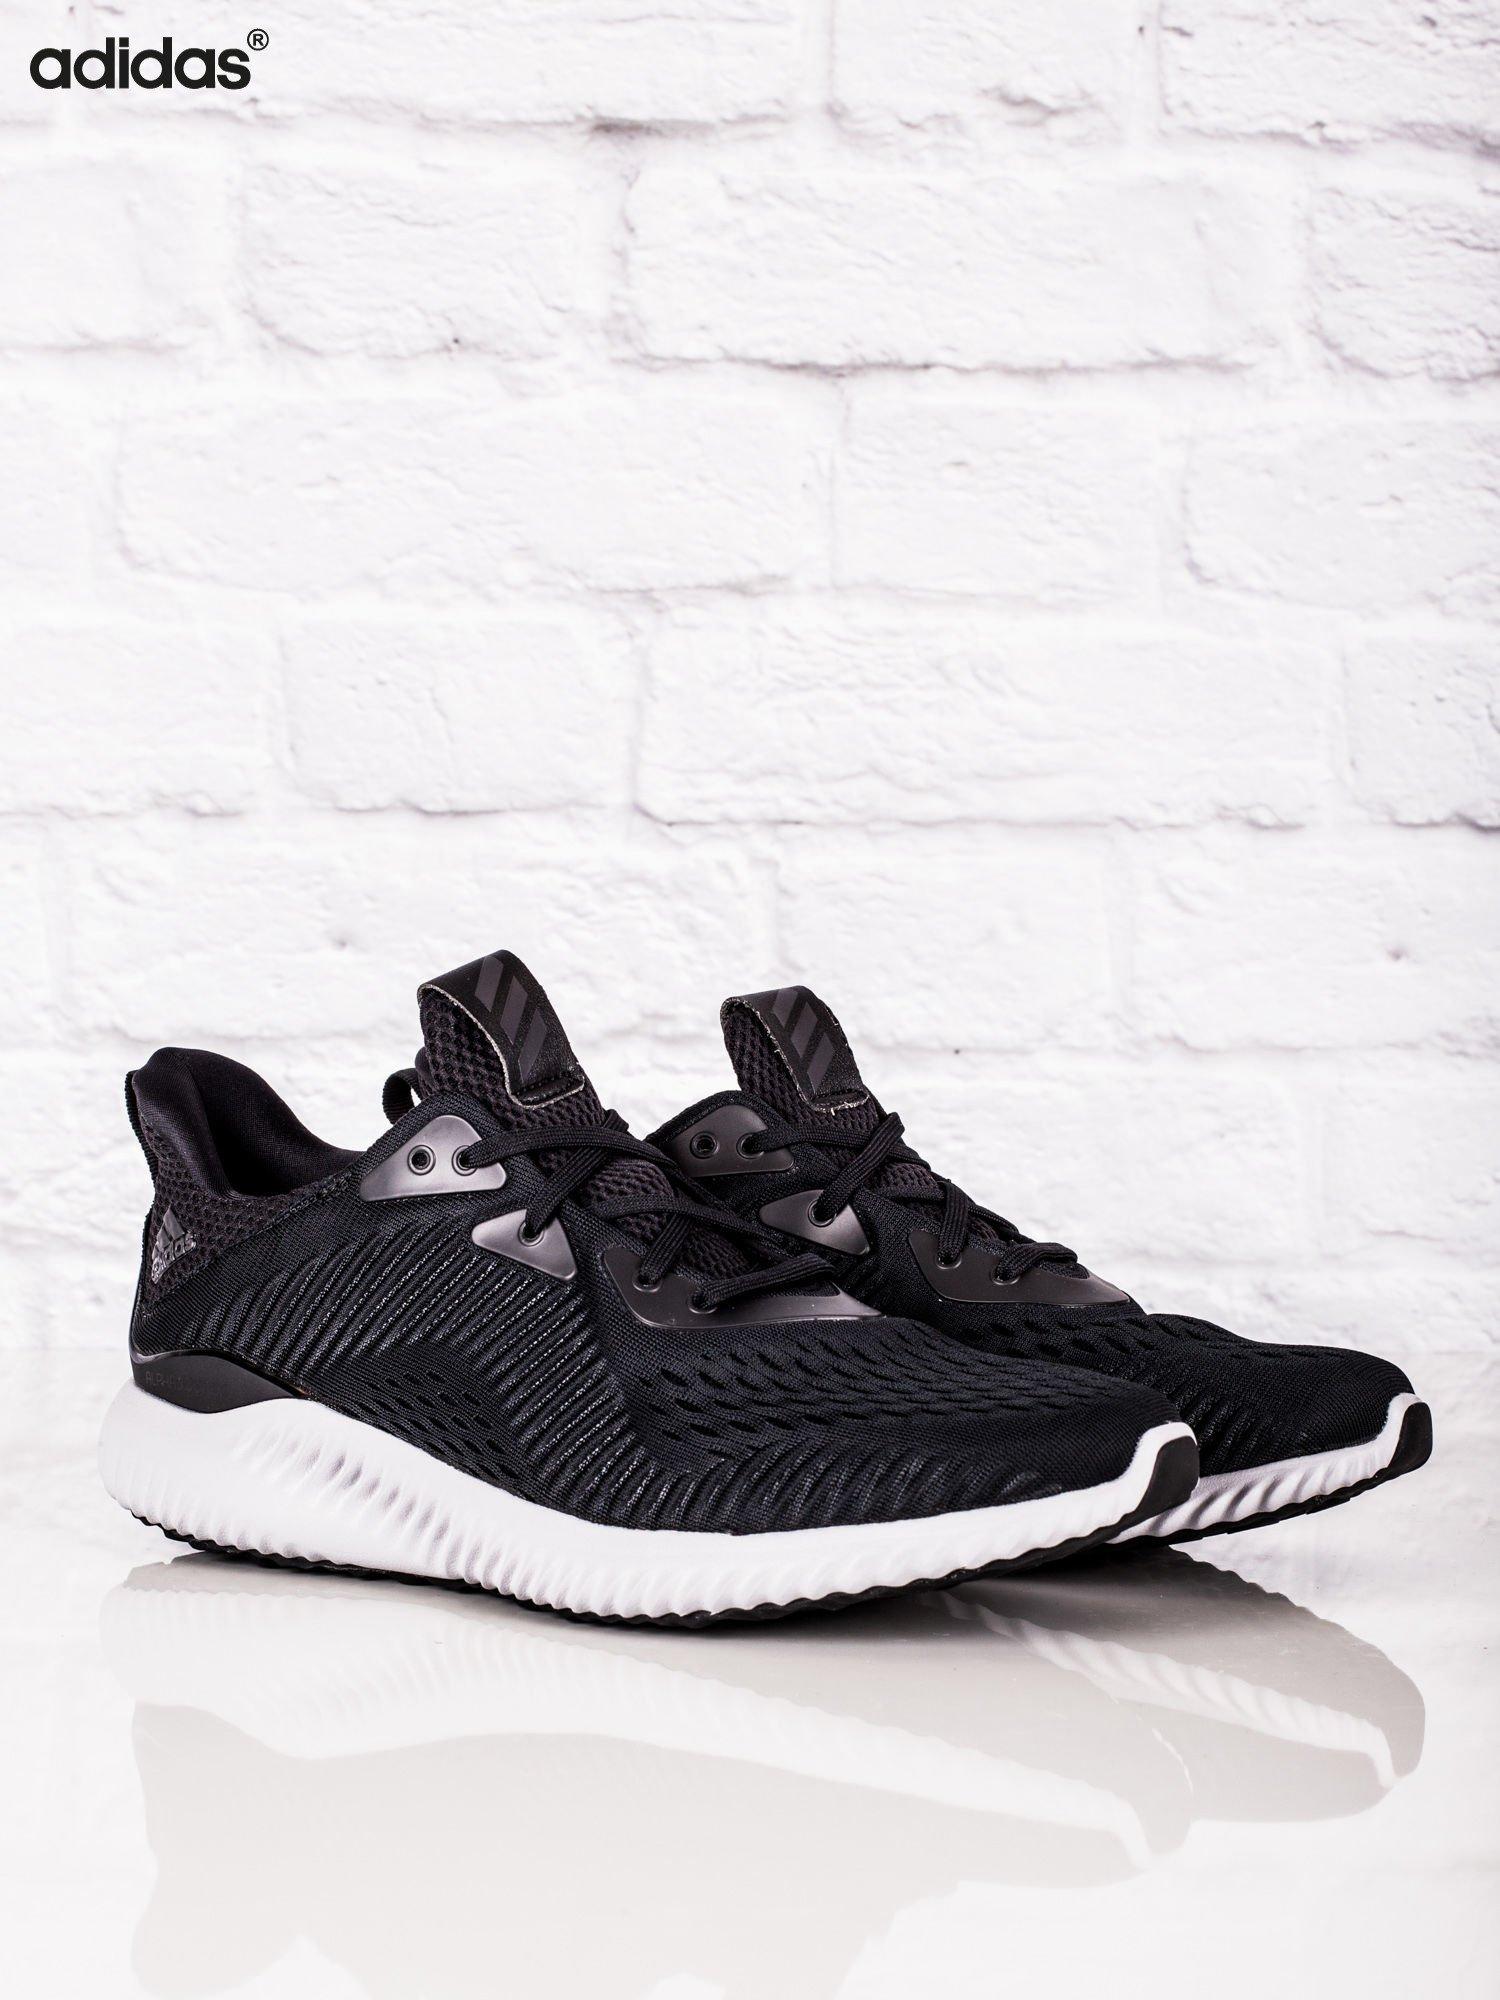 new product 92730 06600 1 ADIDAS Czarne męskie buty sportowe alphabounce EM ...